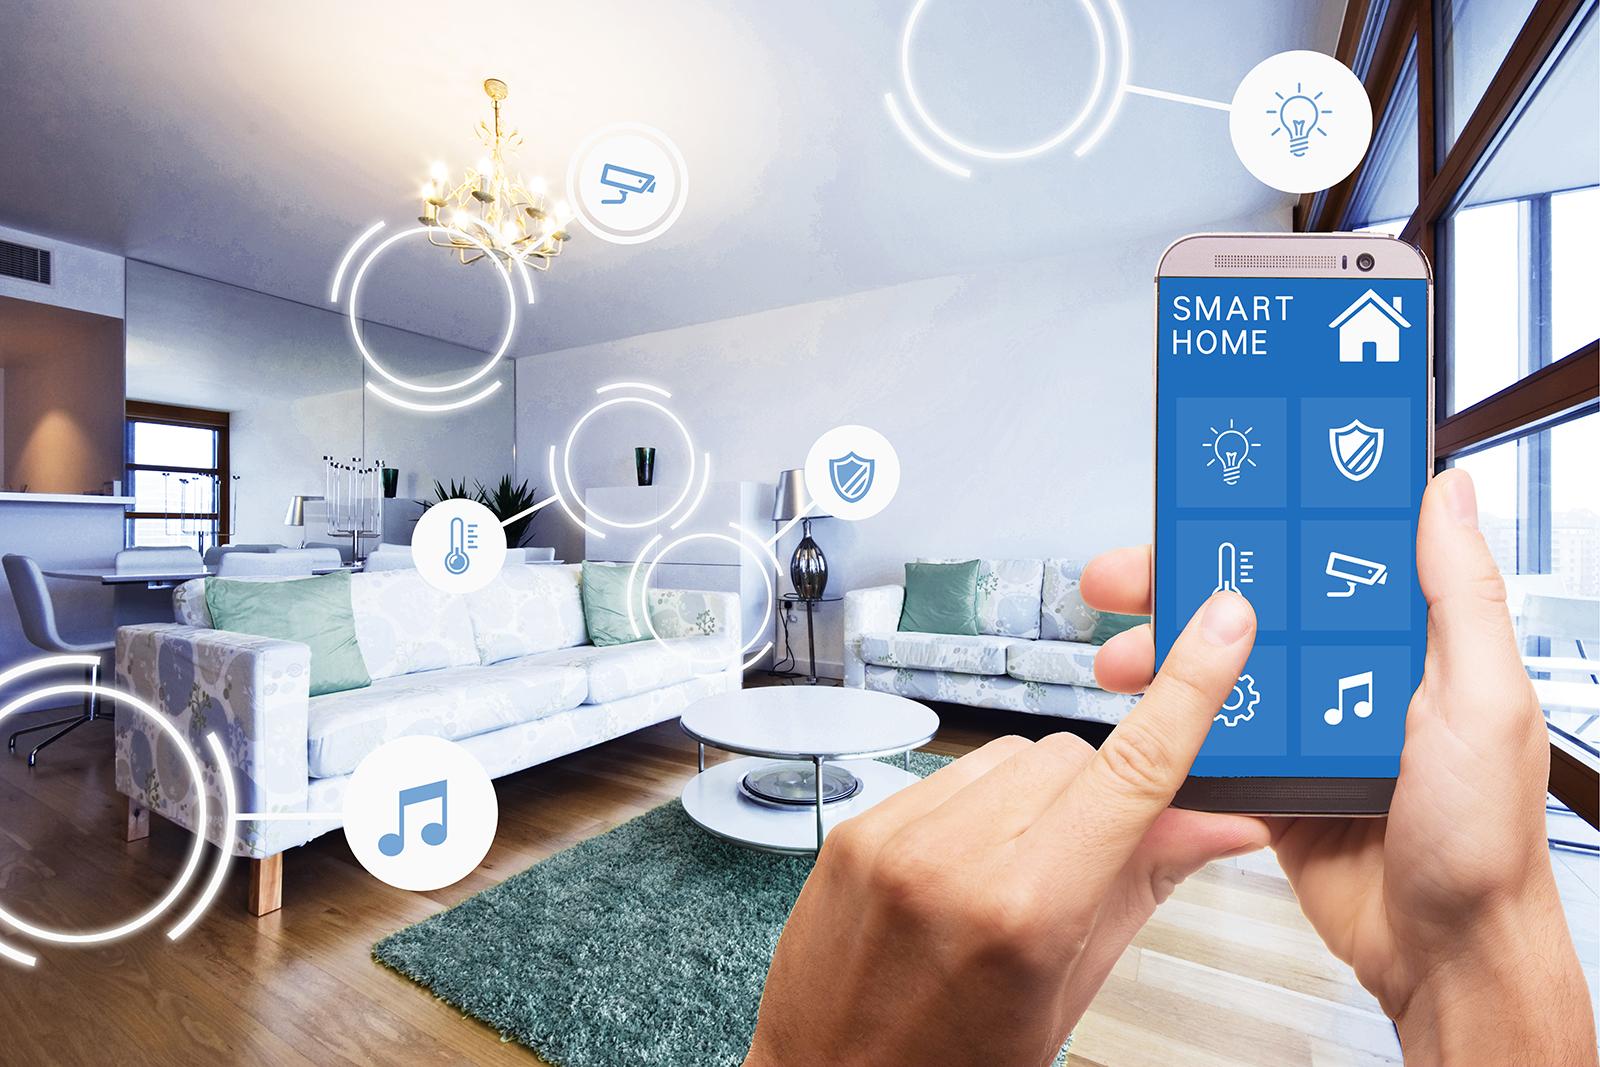 如何正确选购智能家居?智能